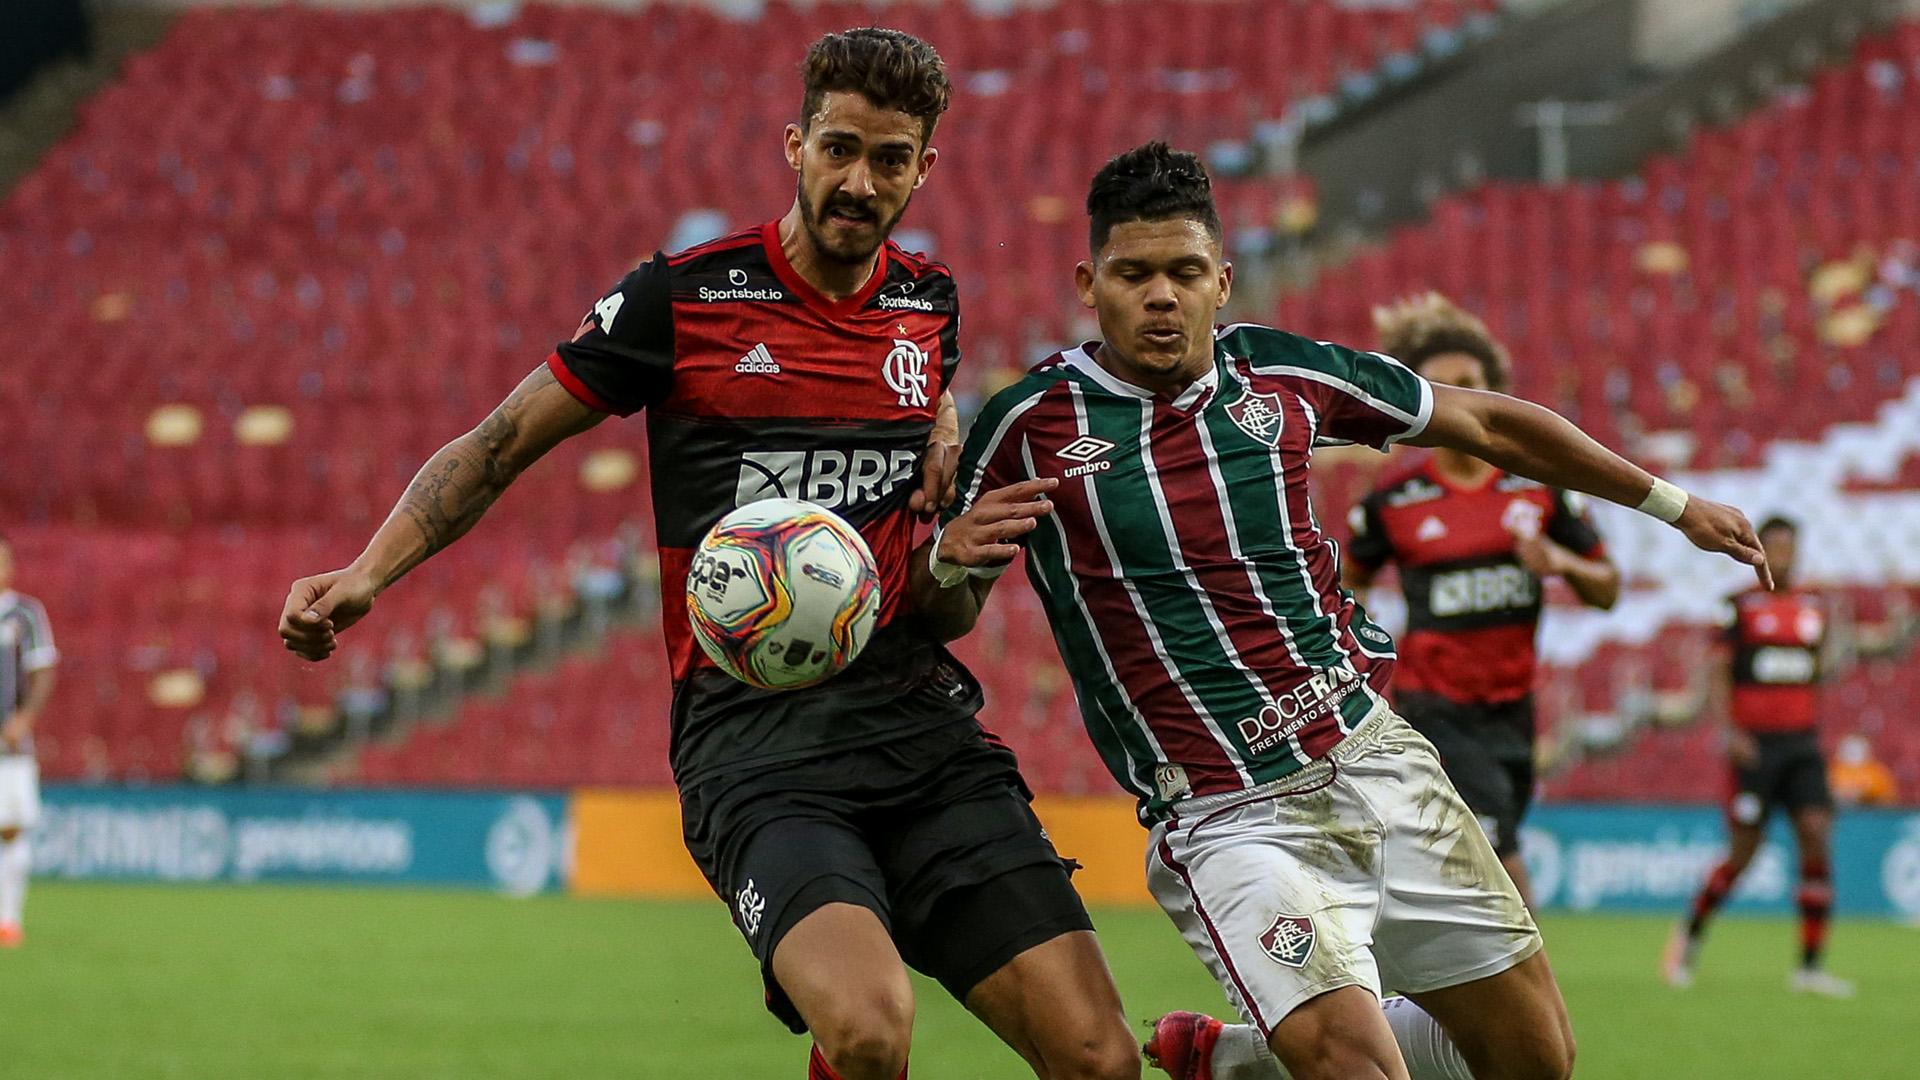 O Sbt Vai Passar O Fla Flu Da Final Do Carioca Goal Com